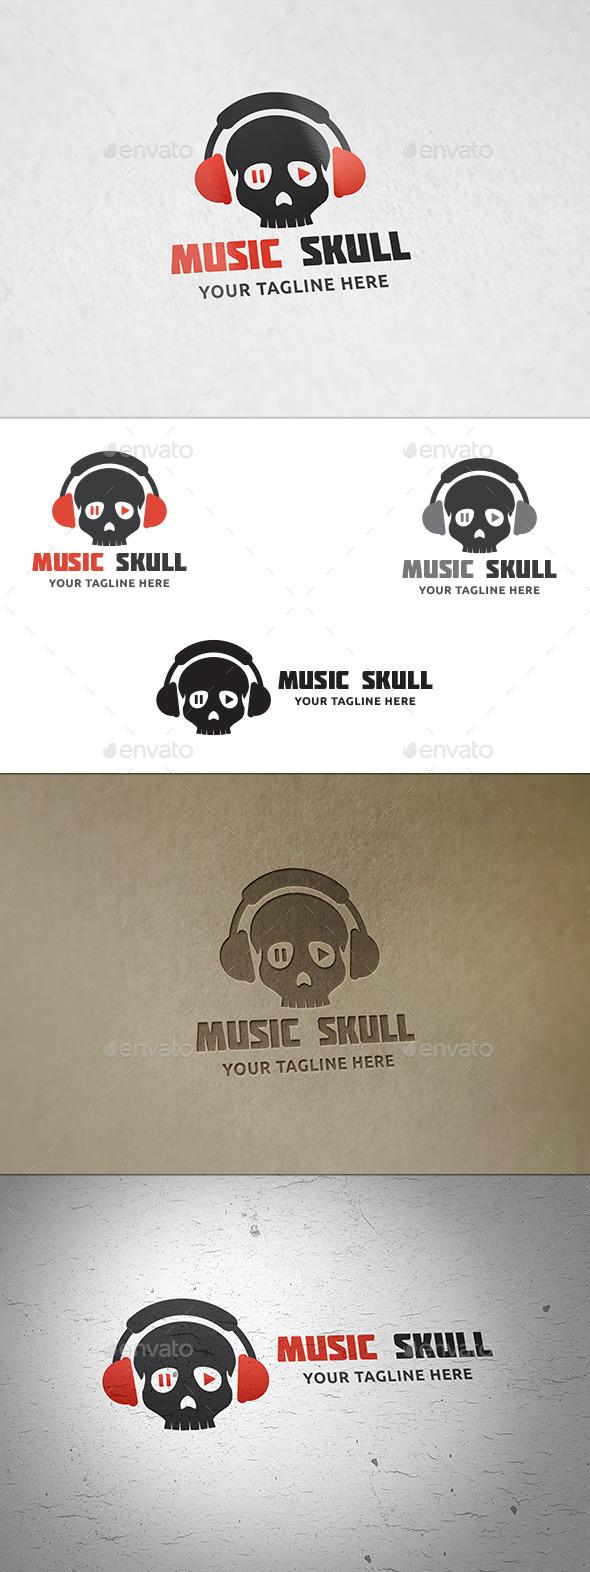 Music Skull - Logo Template